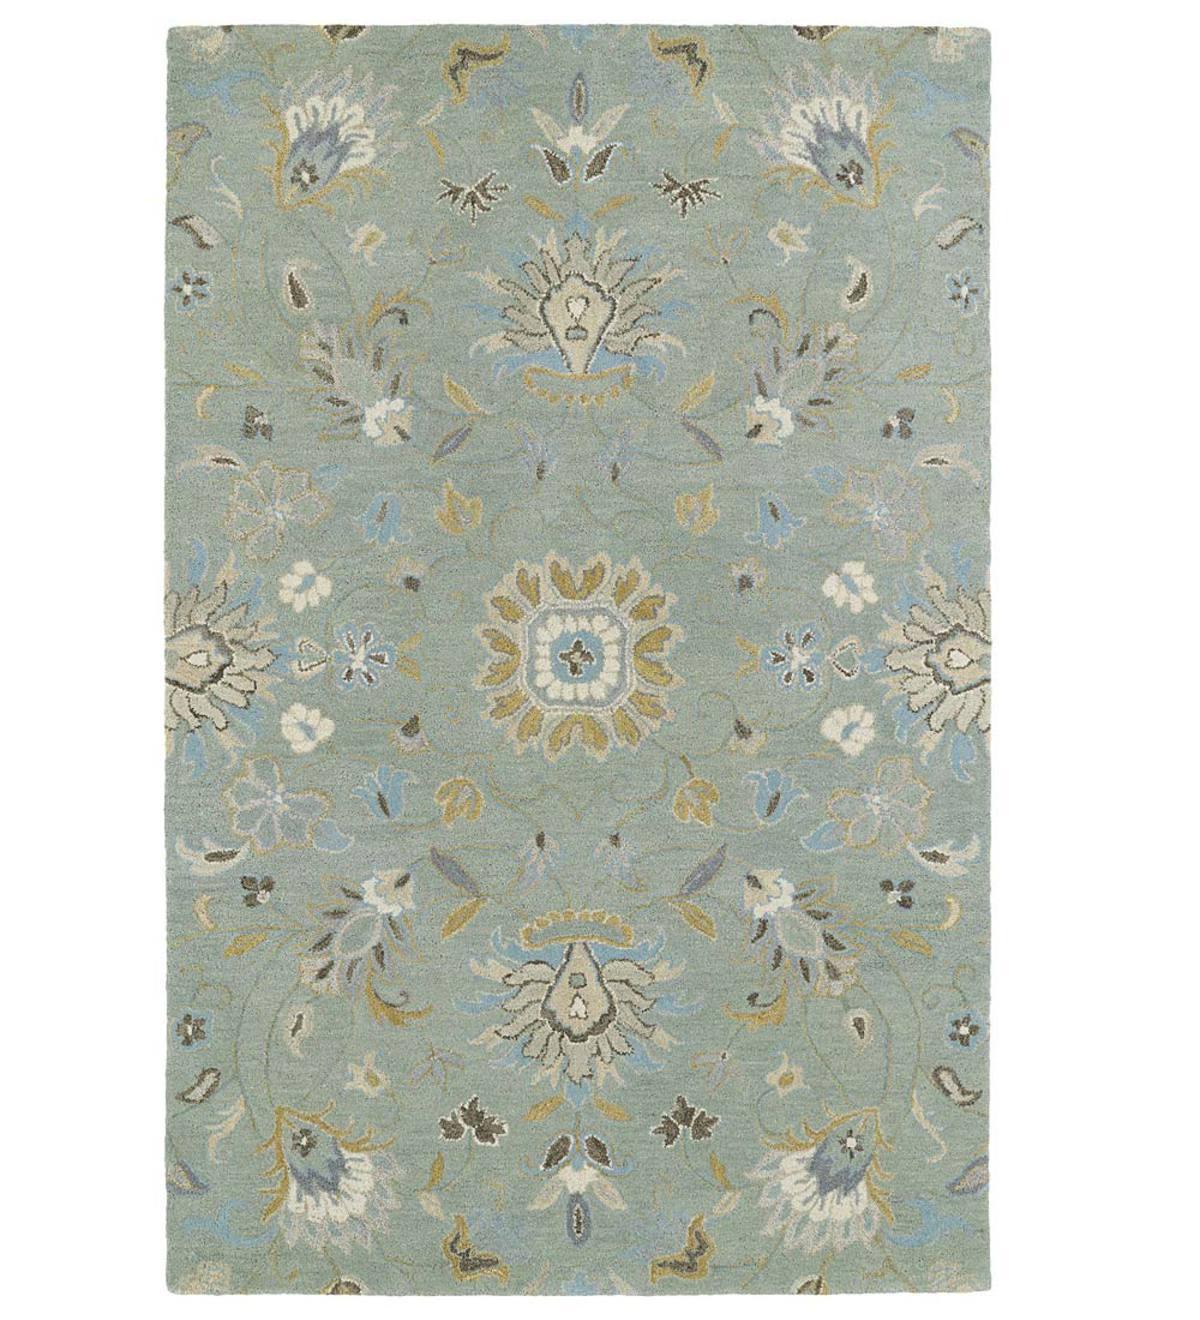 Teal Meadow Floral Vine Wool Rug, 10' X 14'